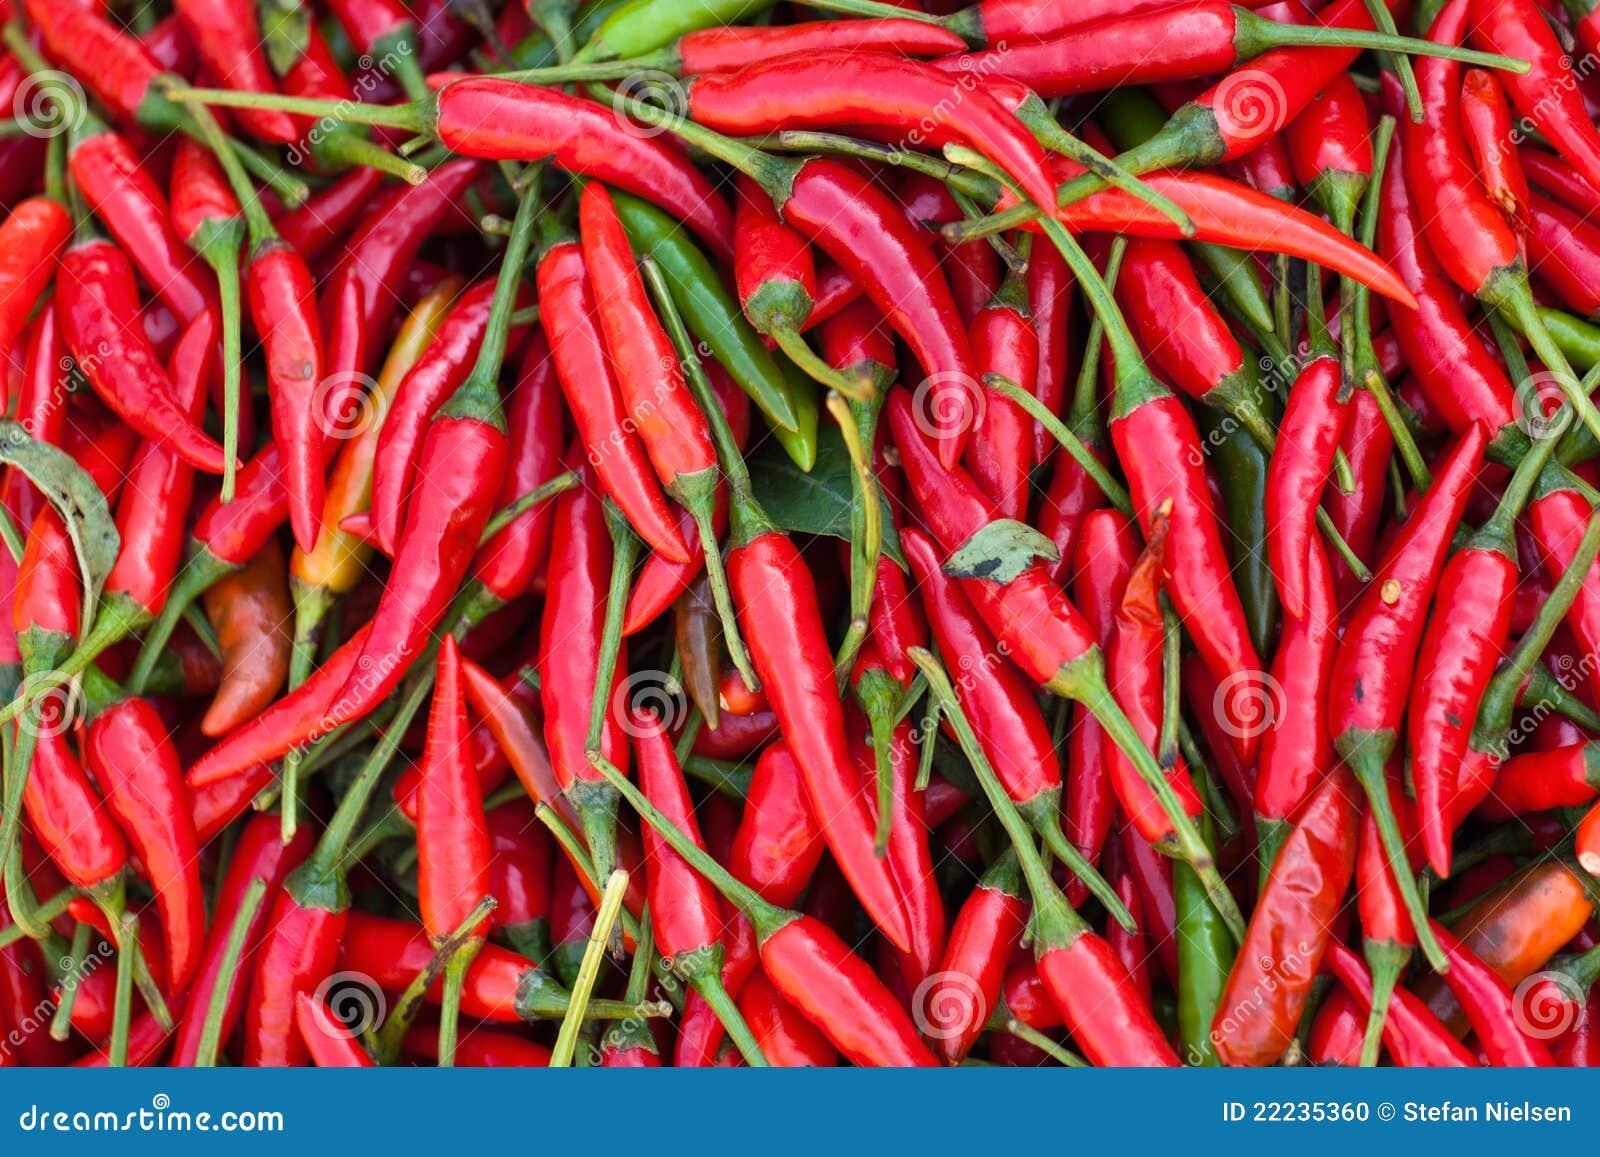 红色的辣椒